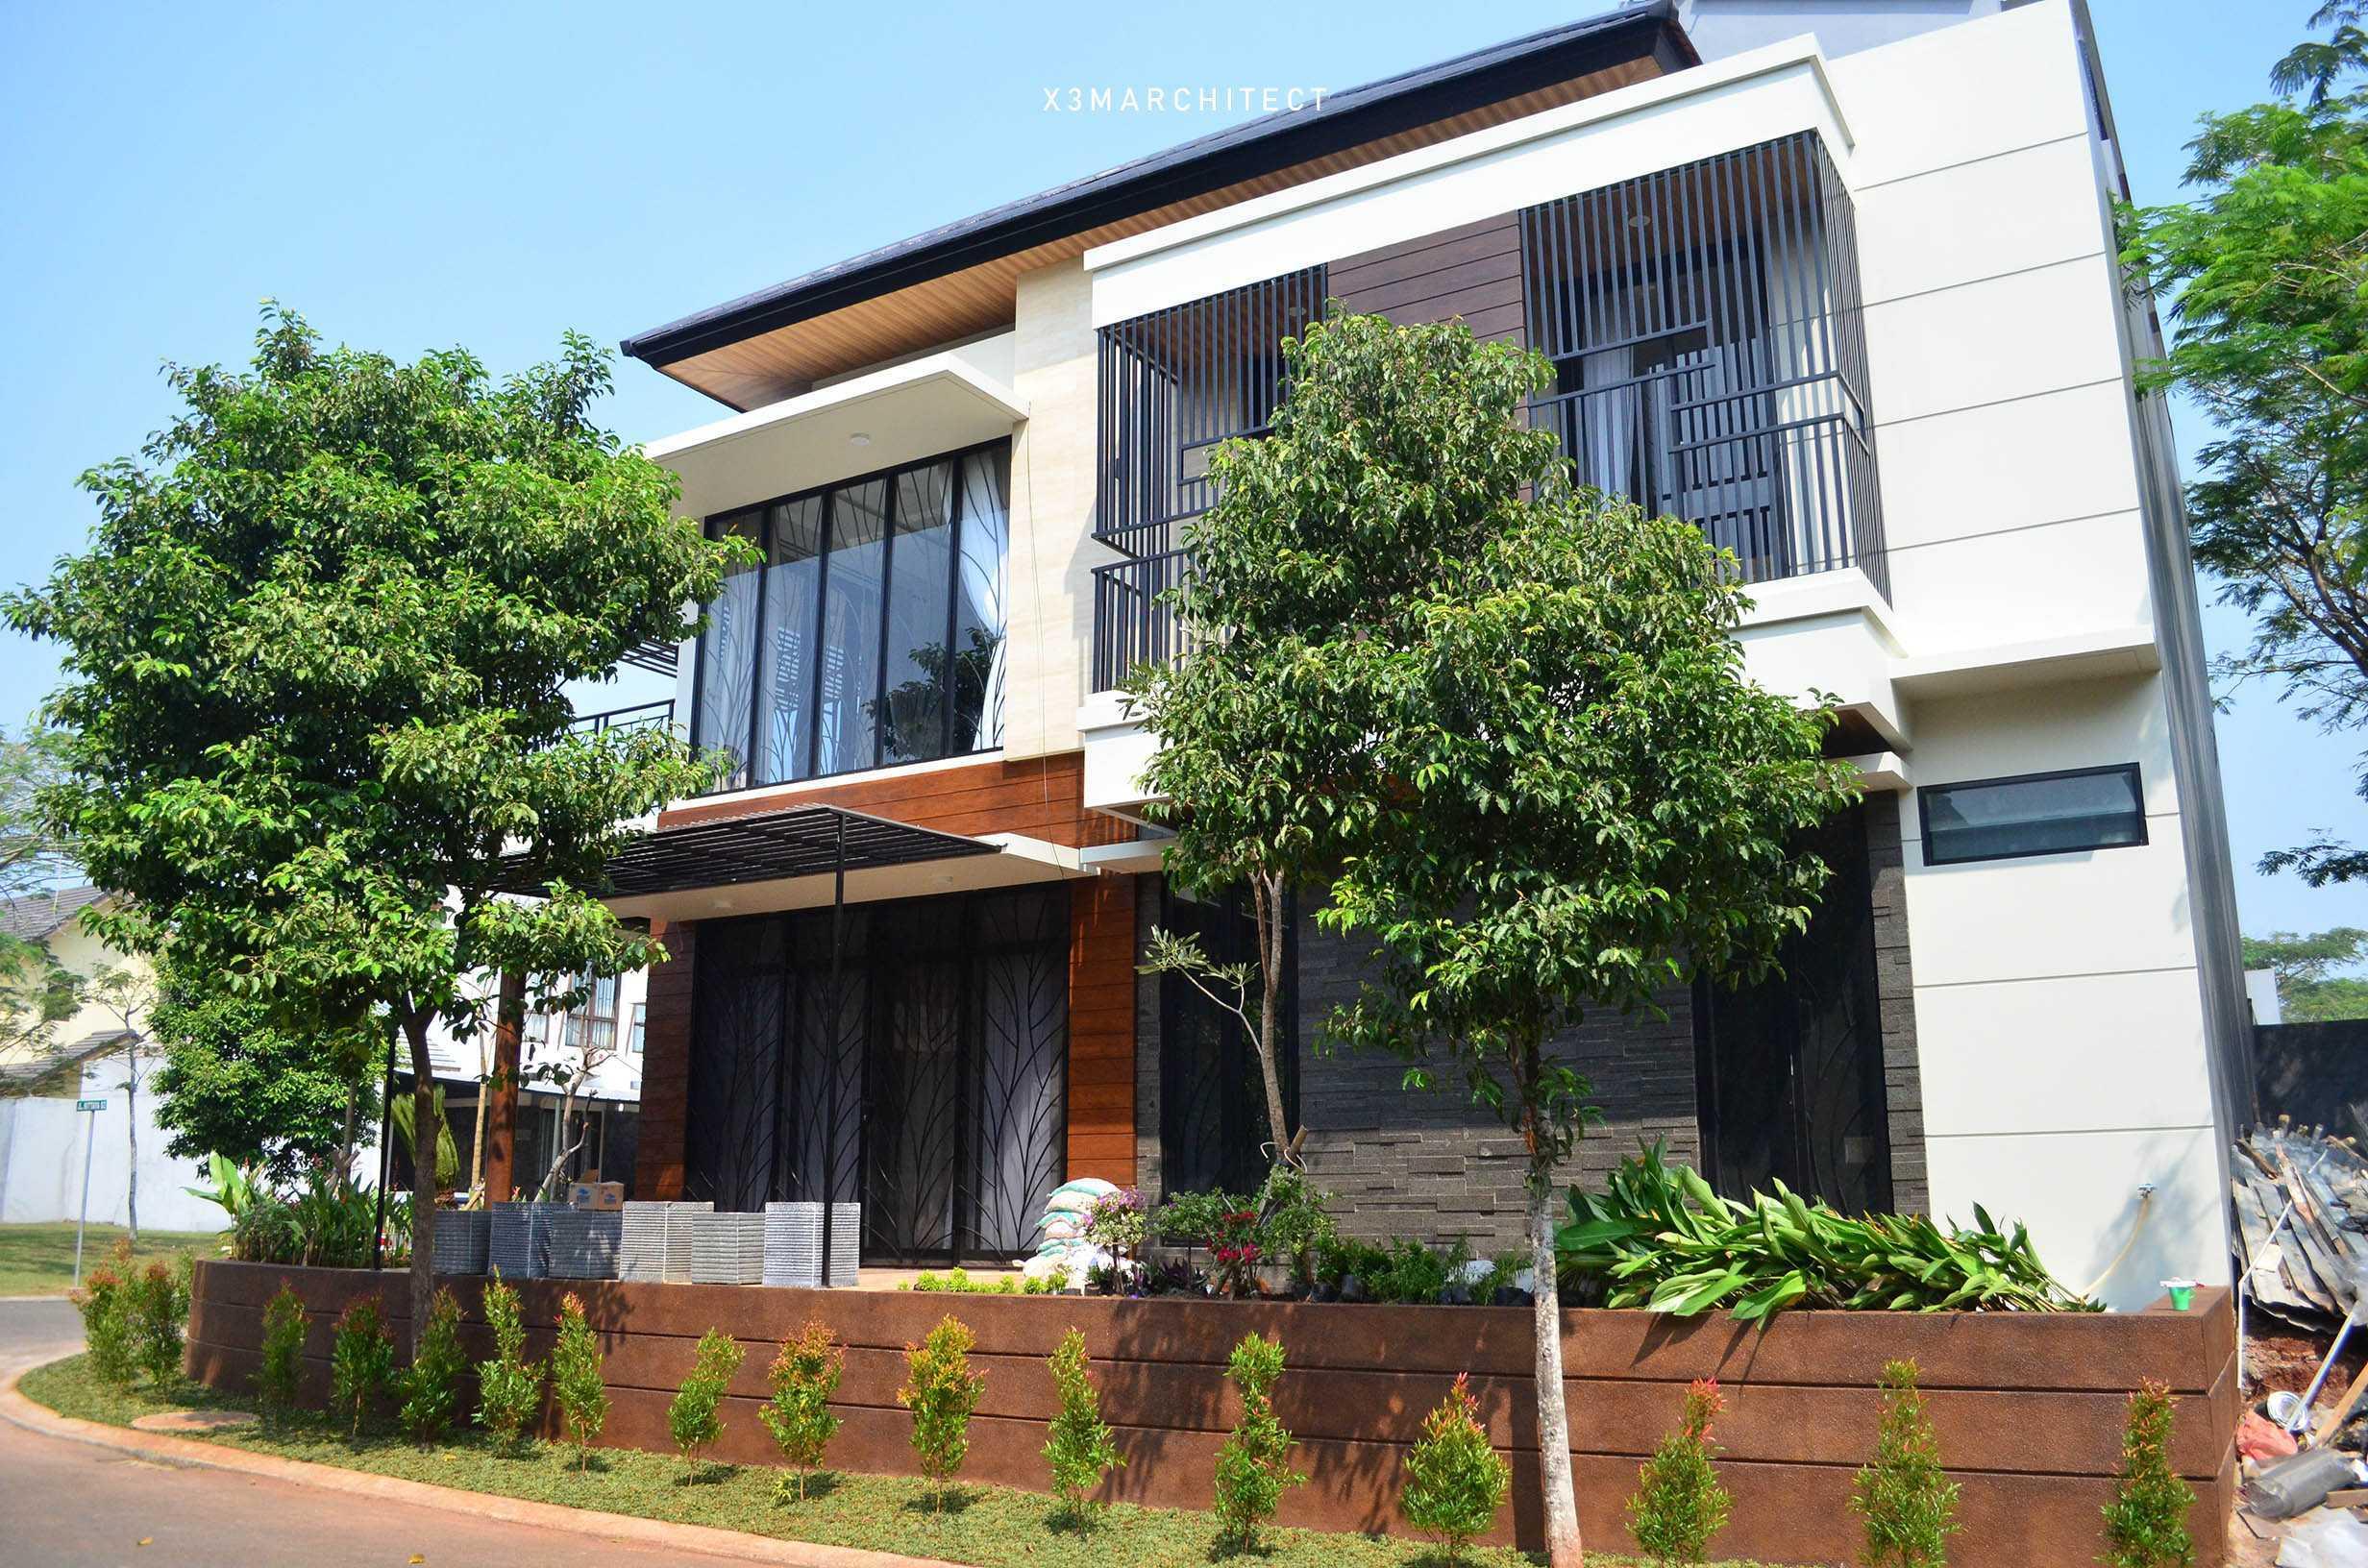 X3M Architects Nittaya A5 1 House Sampora, Kec. Cisauk, Tangerang, Banten 15345, Indonesia Sampora, Kec. Cisauk, Tangerang, Banten 15345, Indonesia X3M-Architects-Nittaya-A5-1   75969